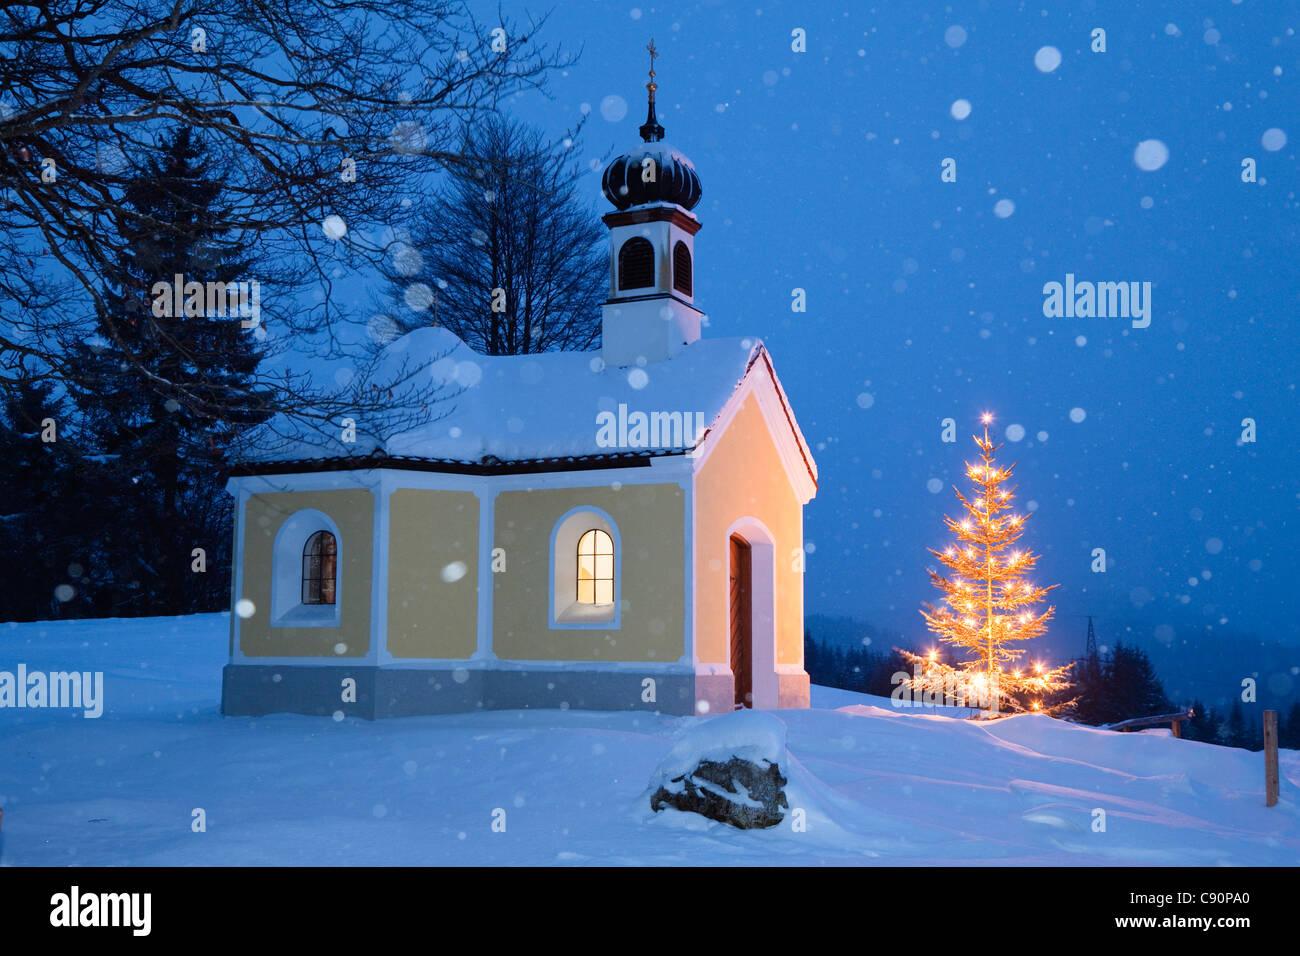 Cappella con albero di natale a nevicata, Alta Baviera, Germania, Europa Immagini Stock